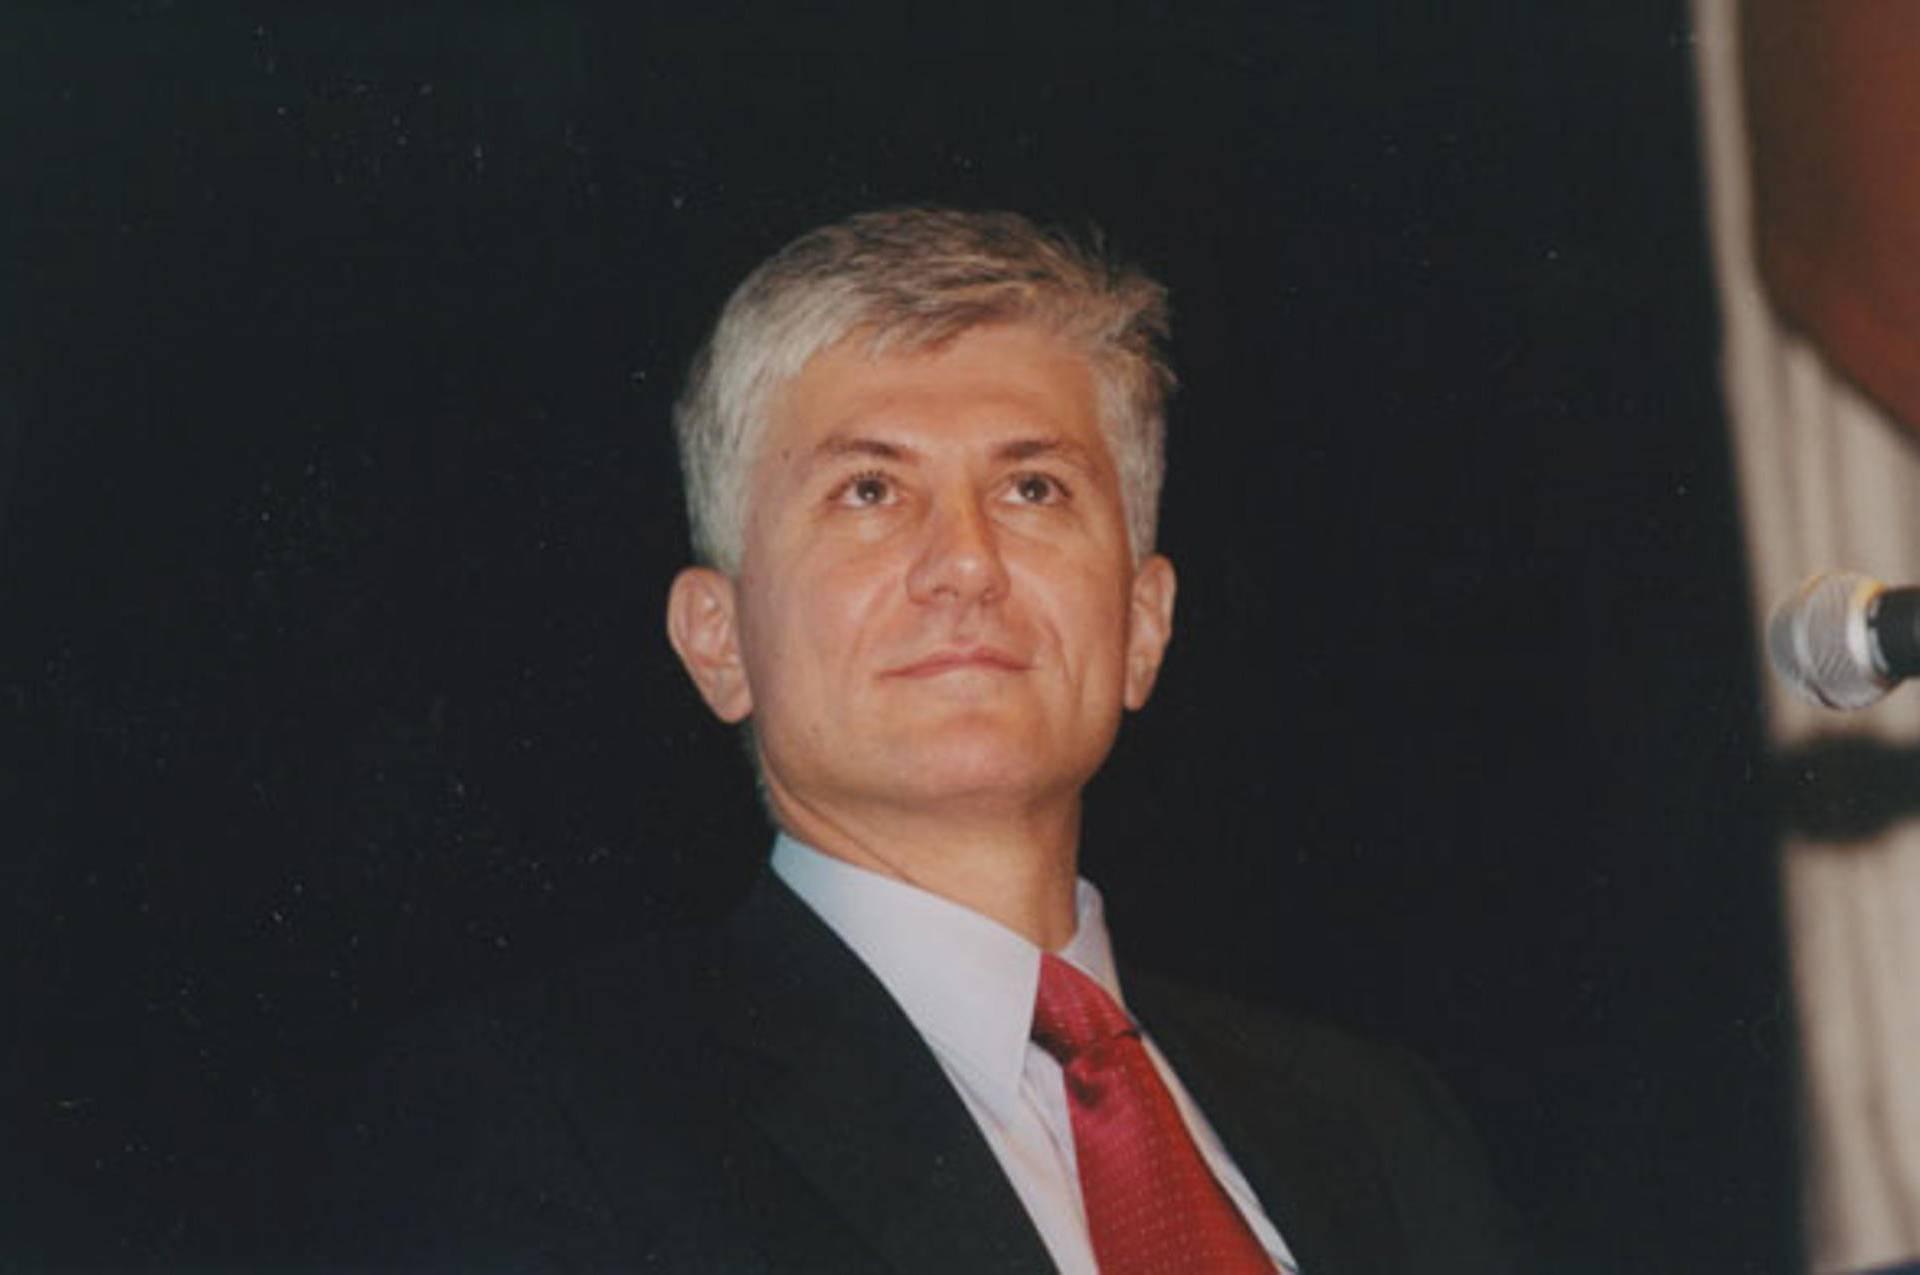 Zoran Djindjic, 2002